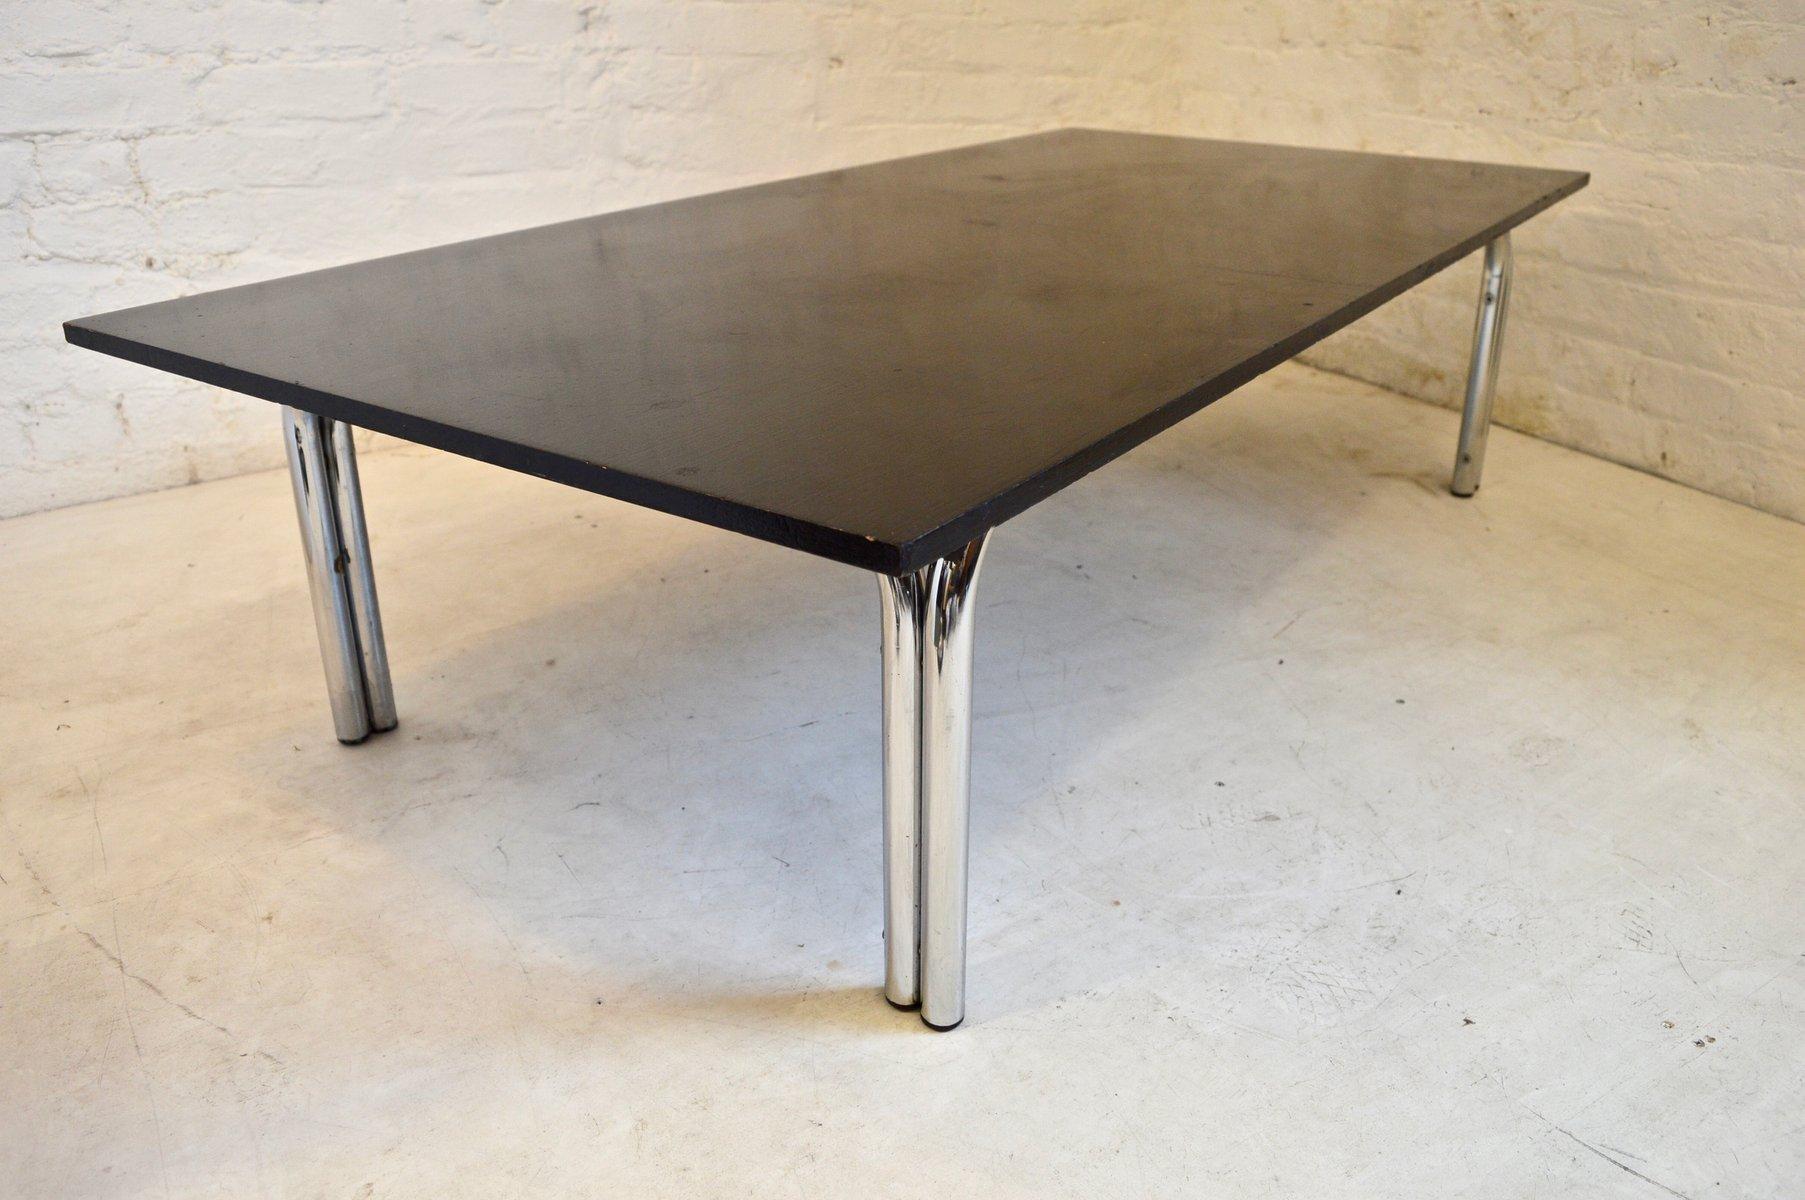 table basse moderne mid century par tim bates pour pieff 1970s en vente sur pamono. Black Bedroom Furniture Sets. Home Design Ideas